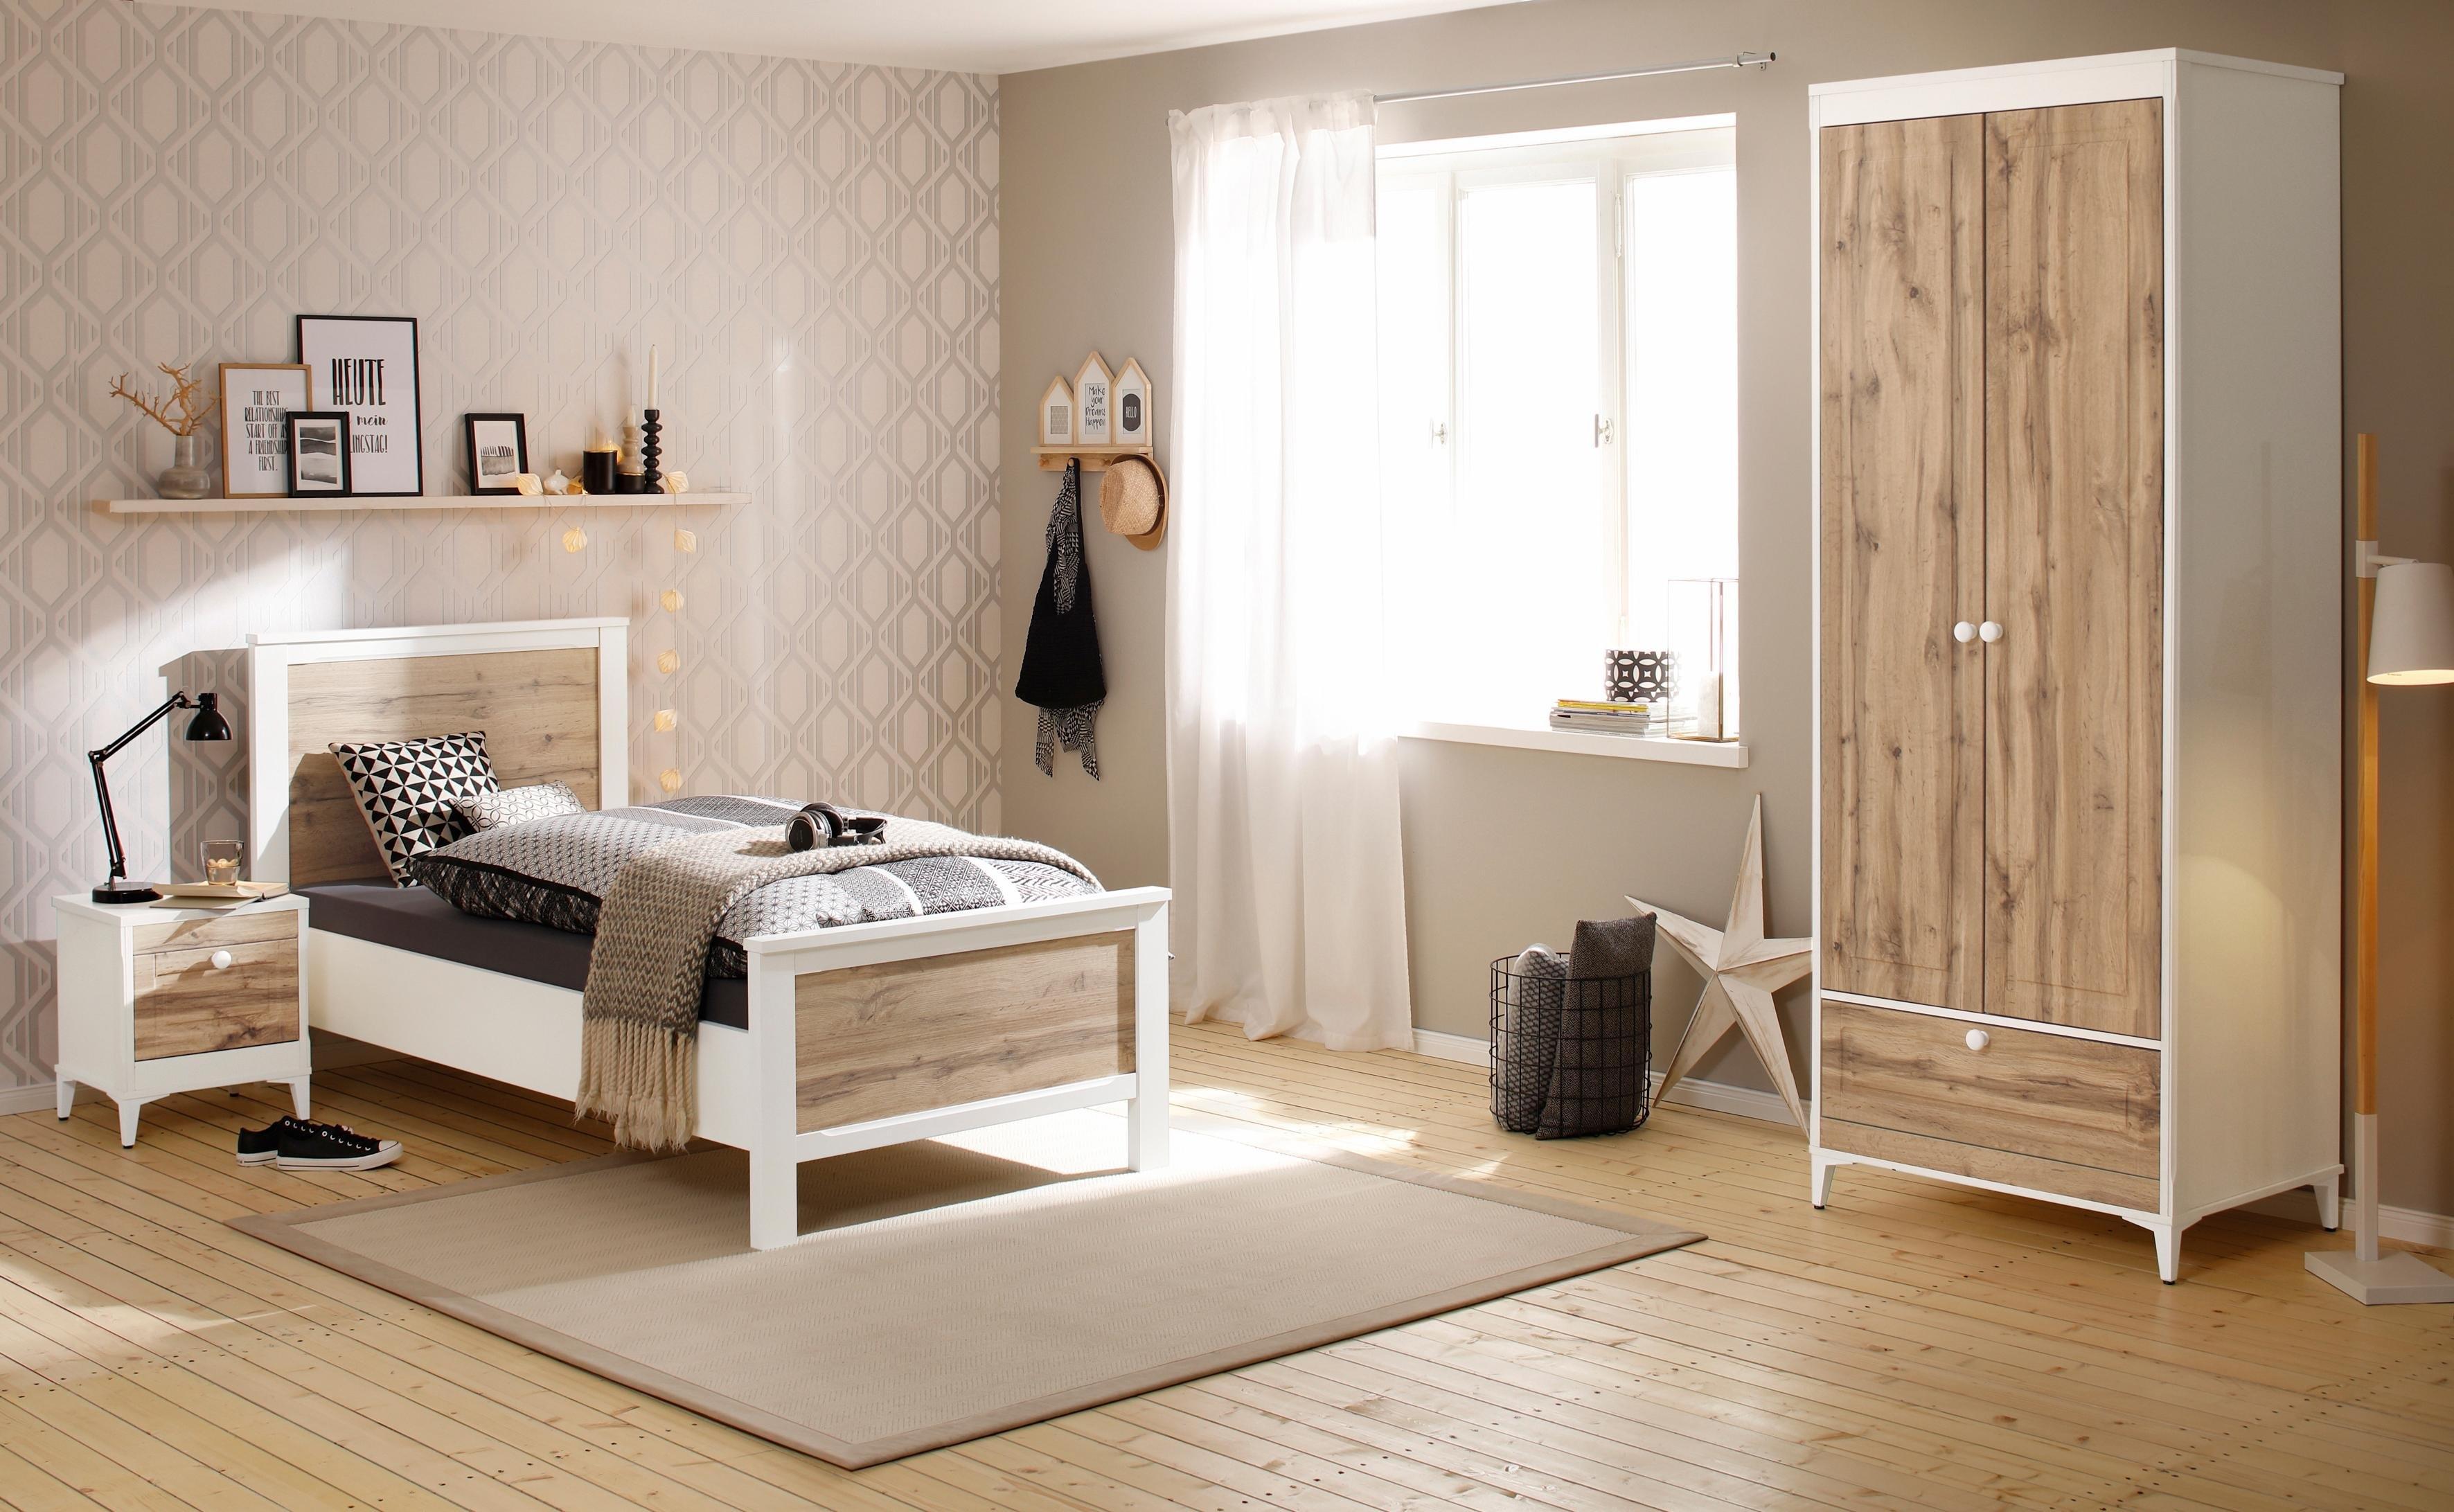 Betere Complete slaapkamer online bestellen? Dat doe je in onze shop | OTTO DO-23